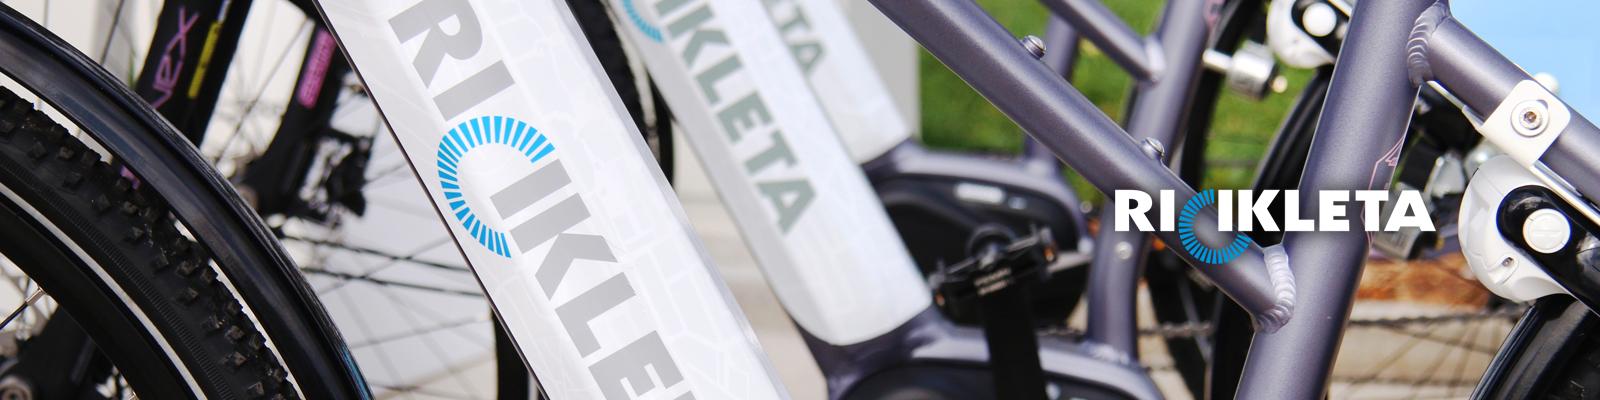 Ricikleta, e-bike sharing